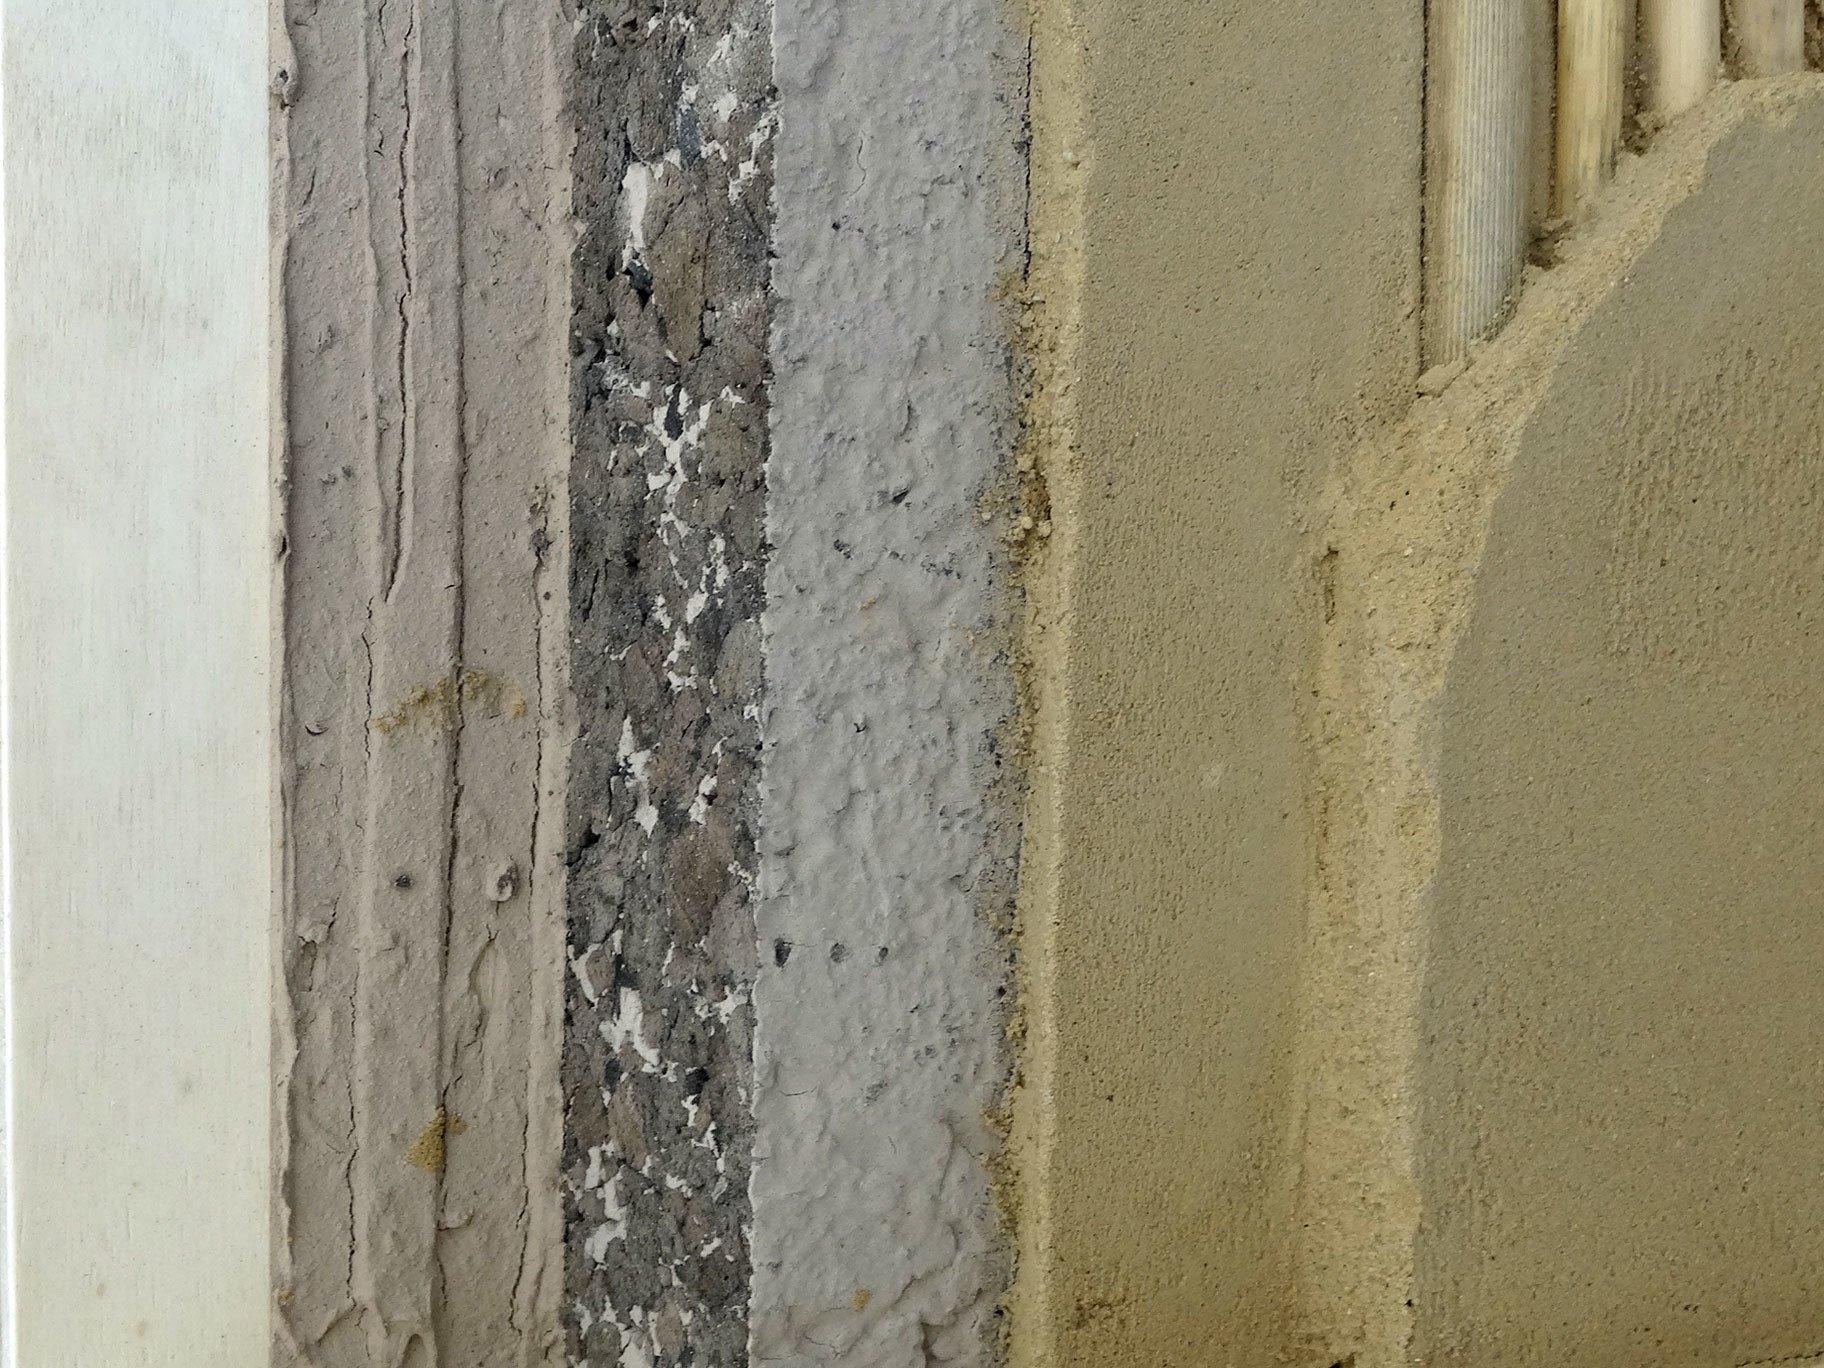 Wandbaustoffe: Lehm | Gesund Bauen | Baustoffe | Baunetz_Wissen